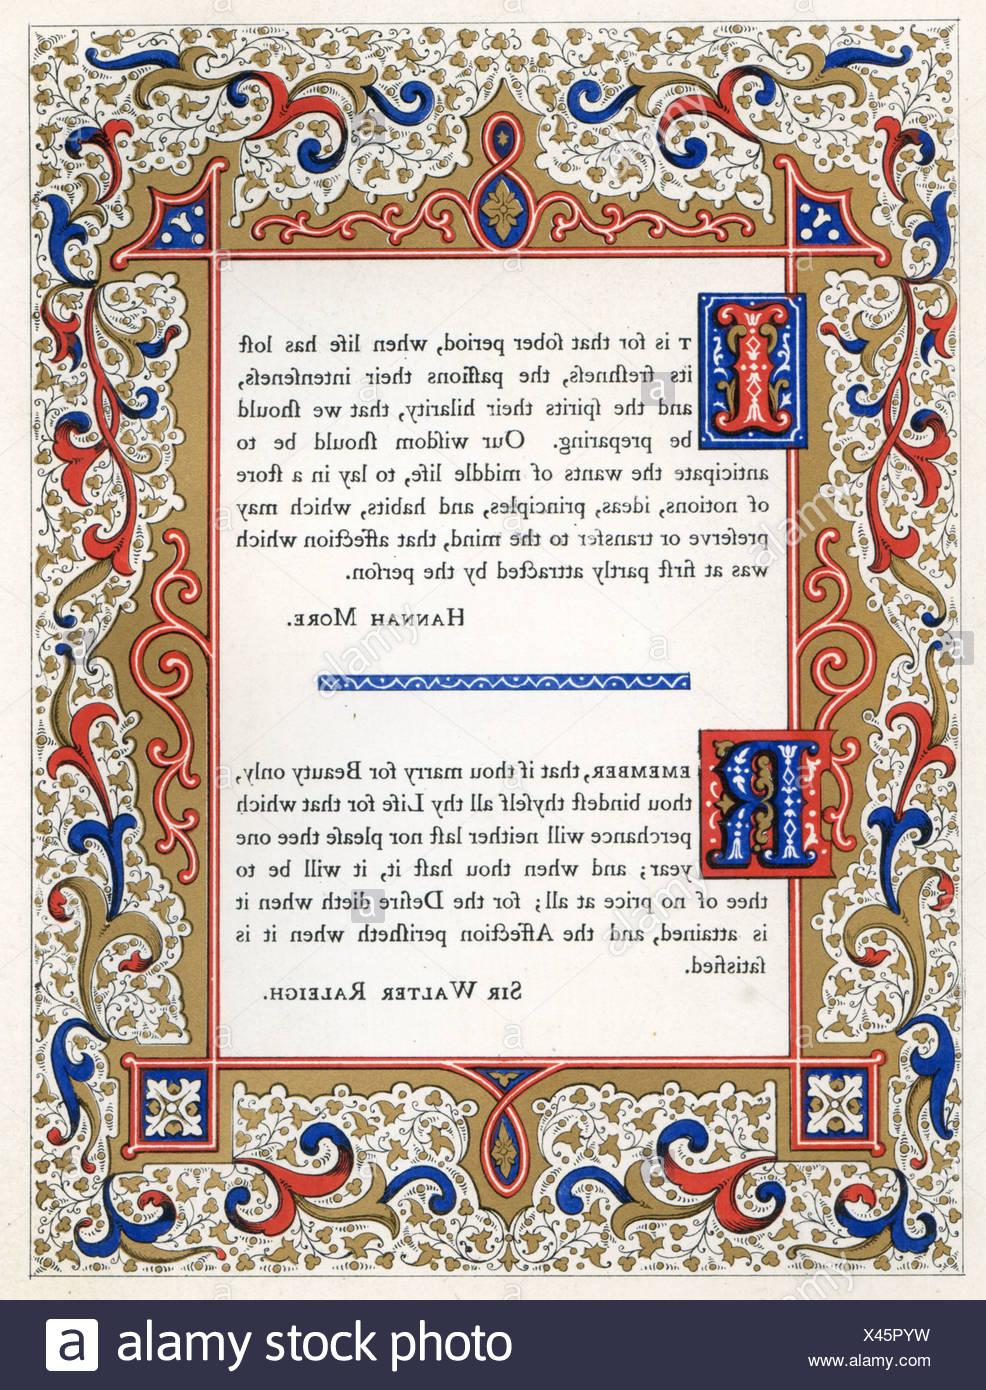 Il Souvenir Nuziale Una Poesia Sul Matrimonio Foto Immagine